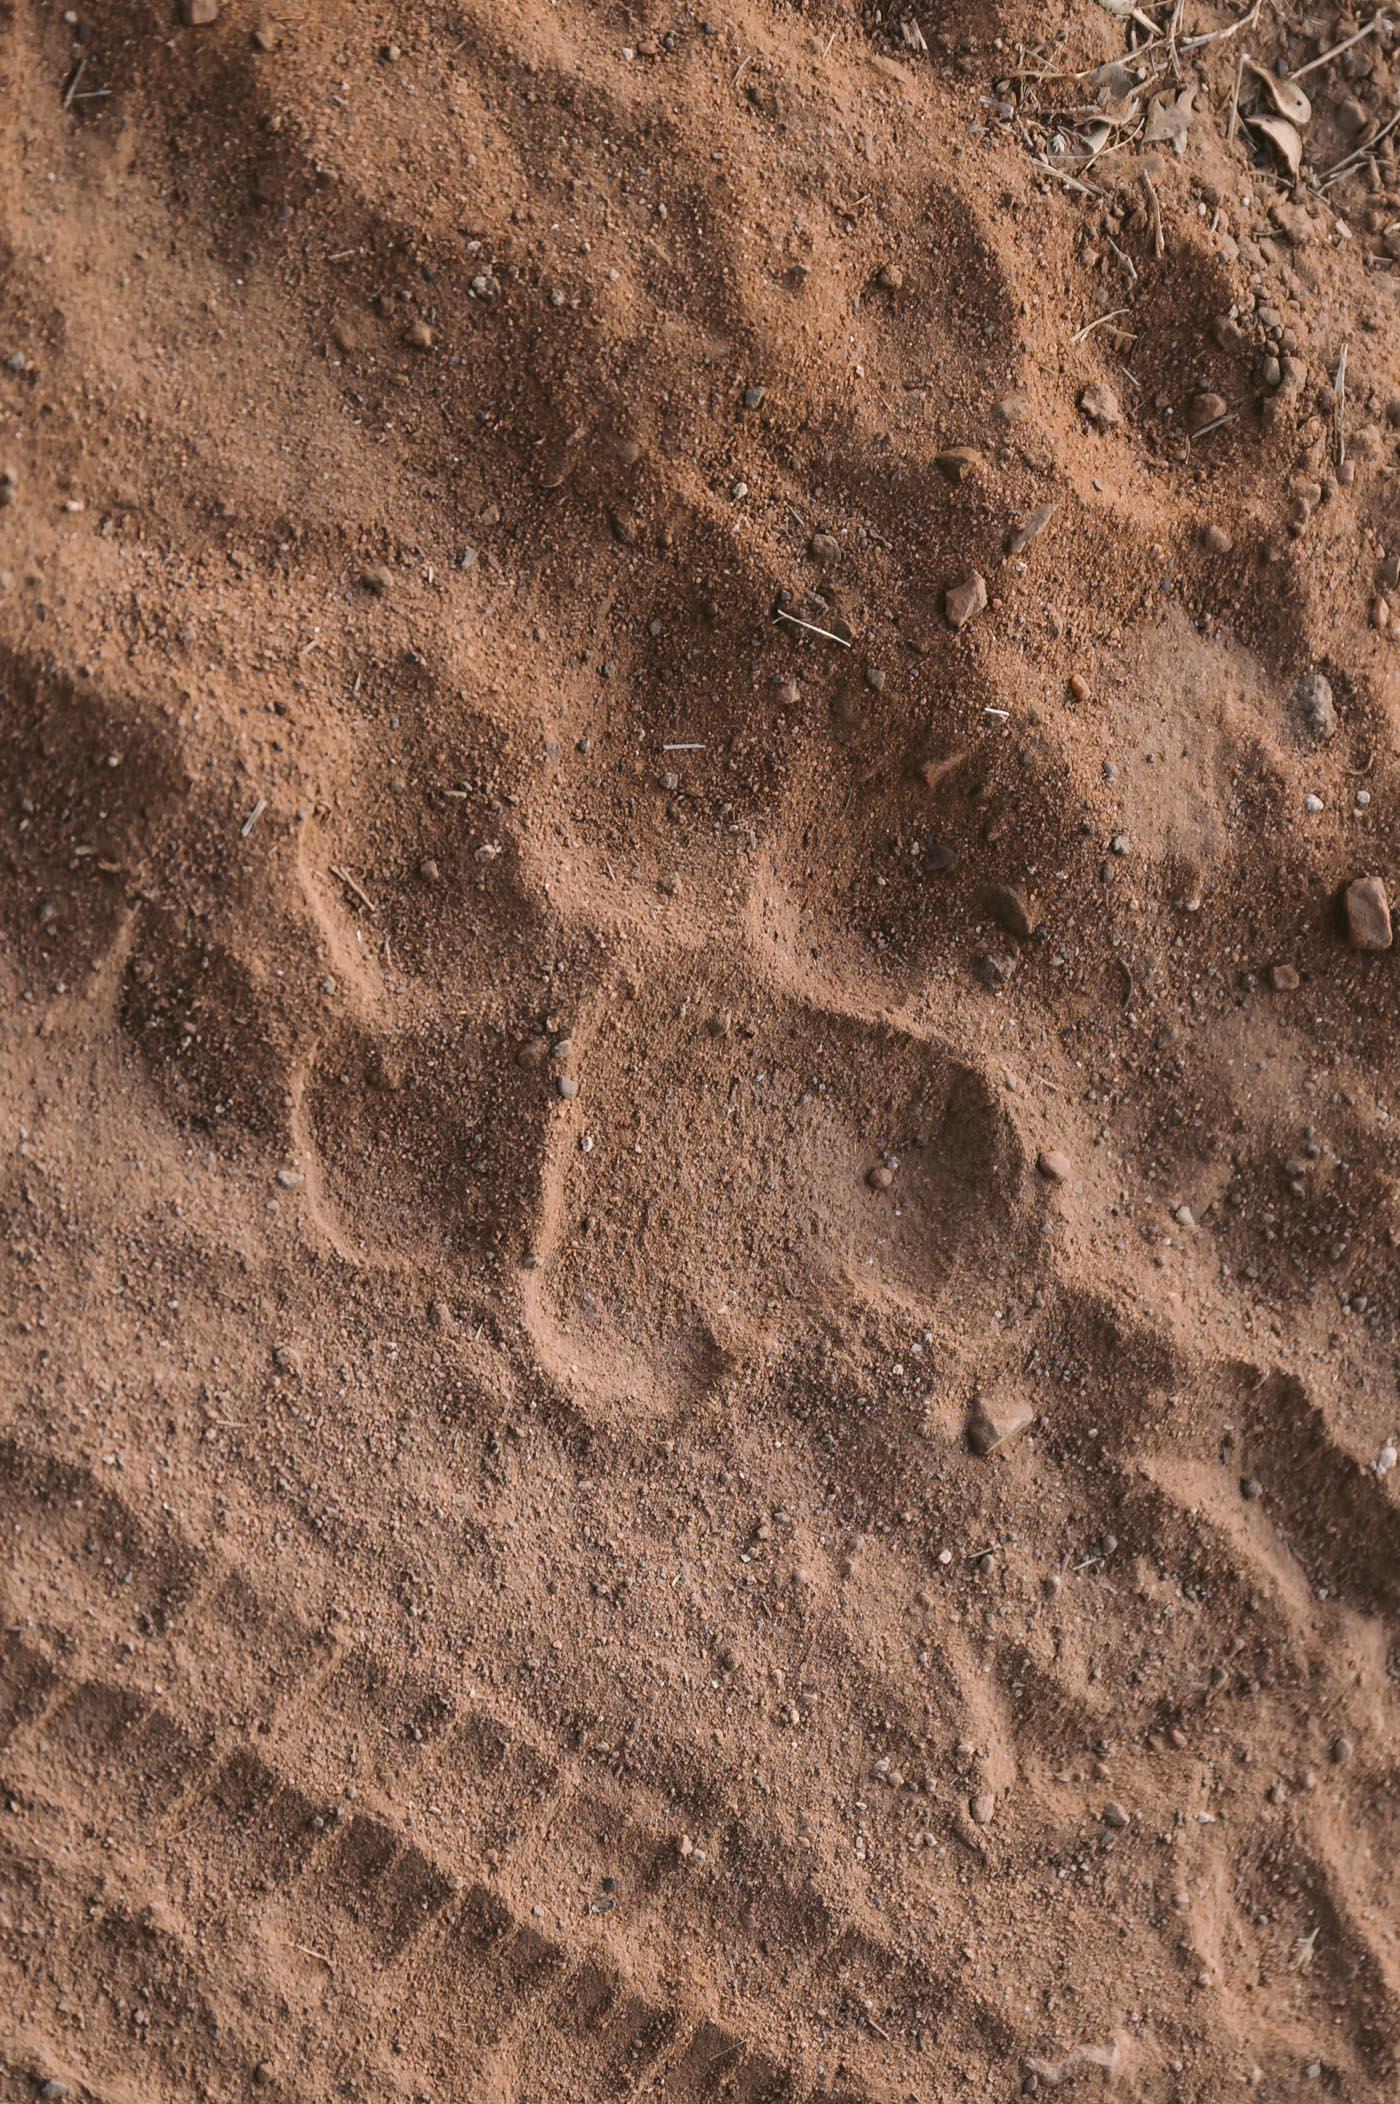 Tiger footprint at Ranthambore National Park